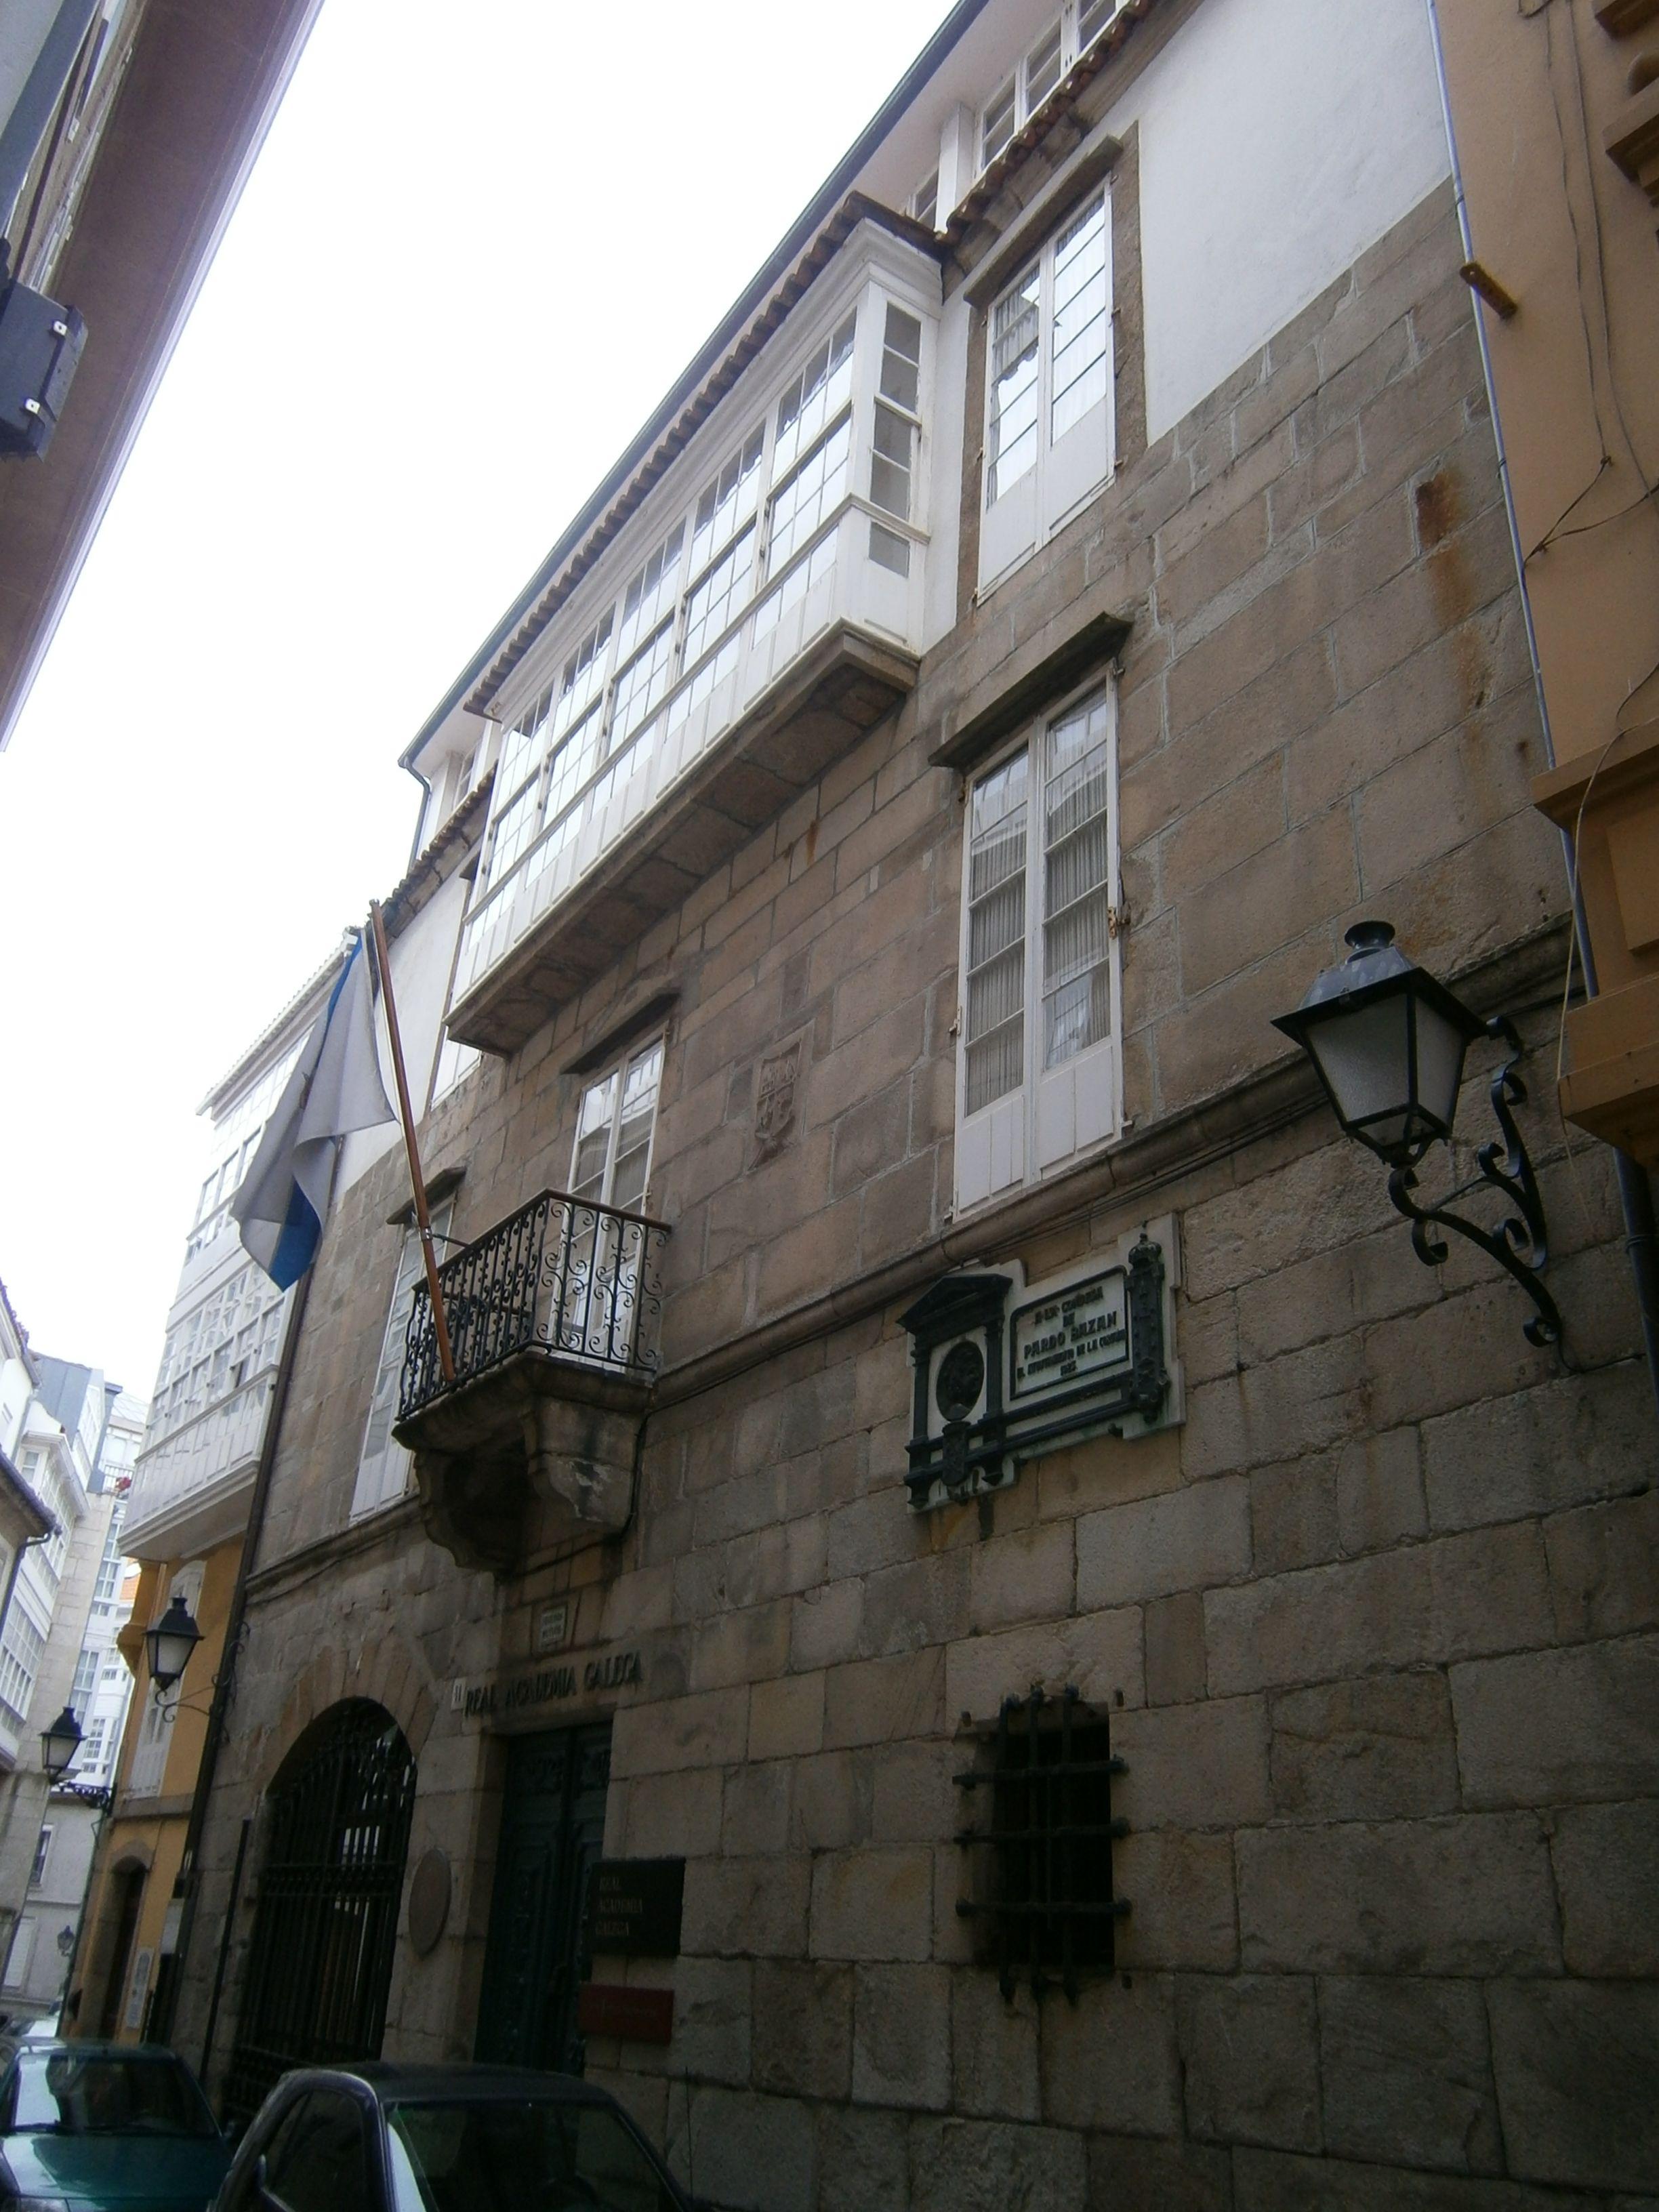 Casa Museo Emilia Pardo Bazán. Sede de la Real Academia Gallega. Crédito: Iglamela